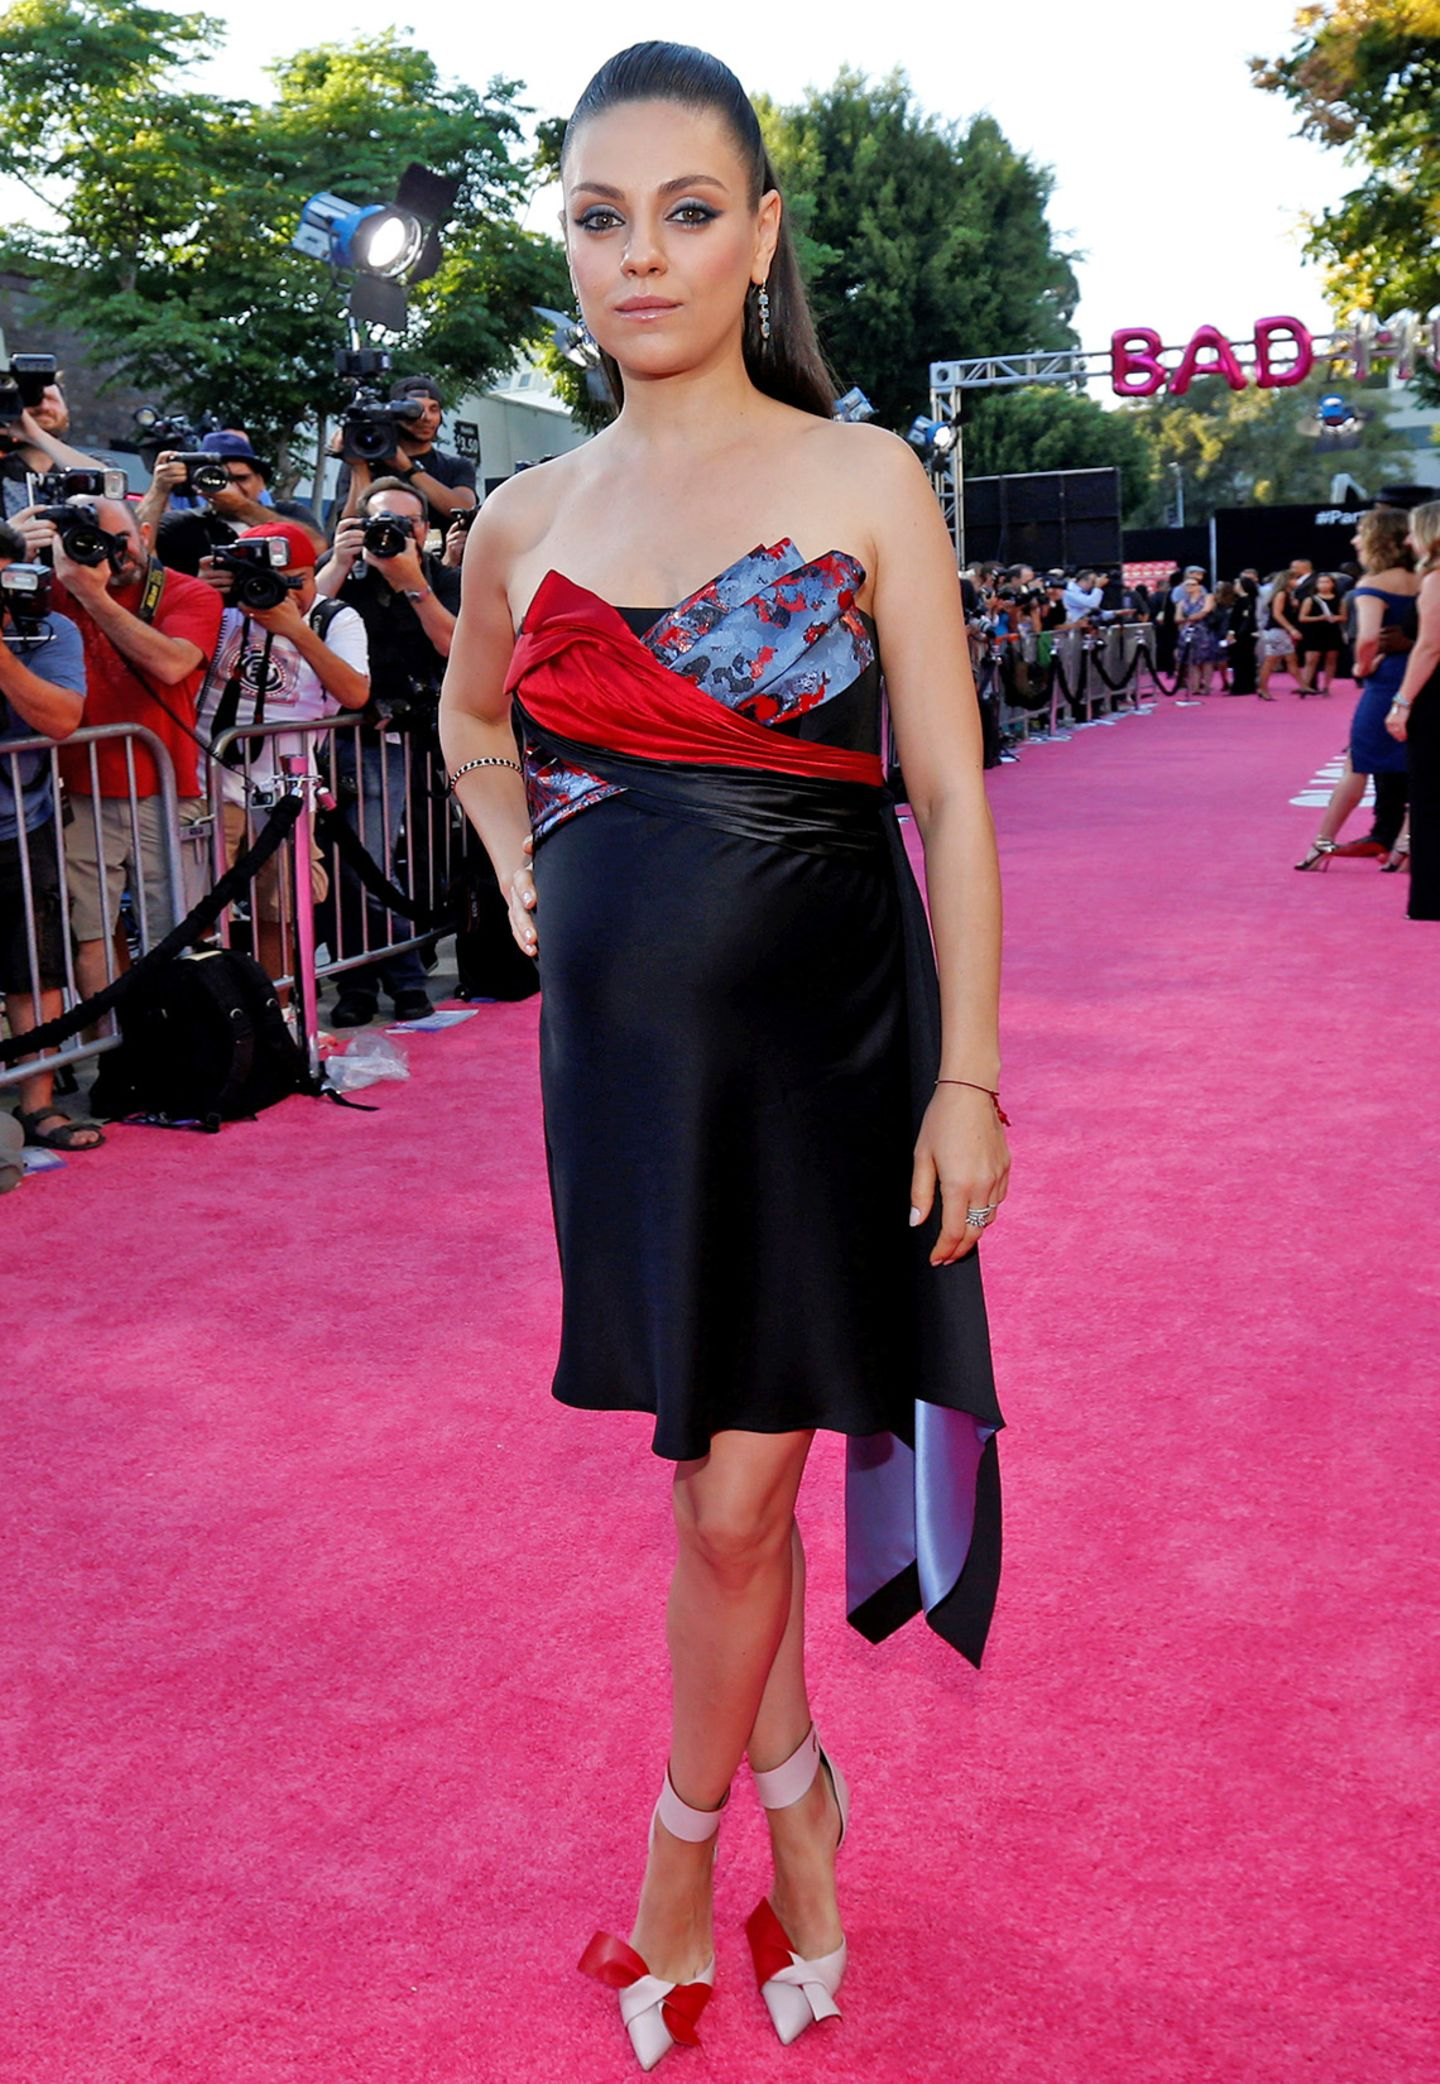 """Im süßen Mini-Dress und Hingucker-Heels von Versace präsentiert Mila Kunis ihren Babybauch bei der """"Bad Moms""""-Premiere in L.A."""